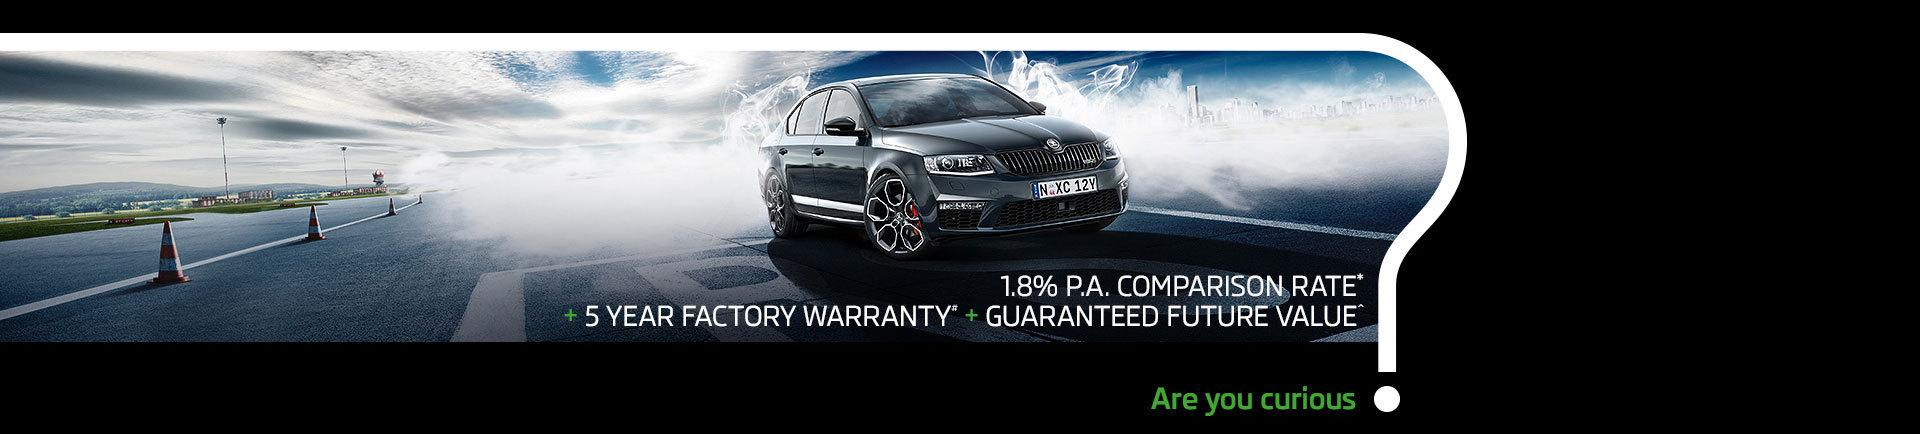 Skoda National Offer - 5 Year Factory Warranty